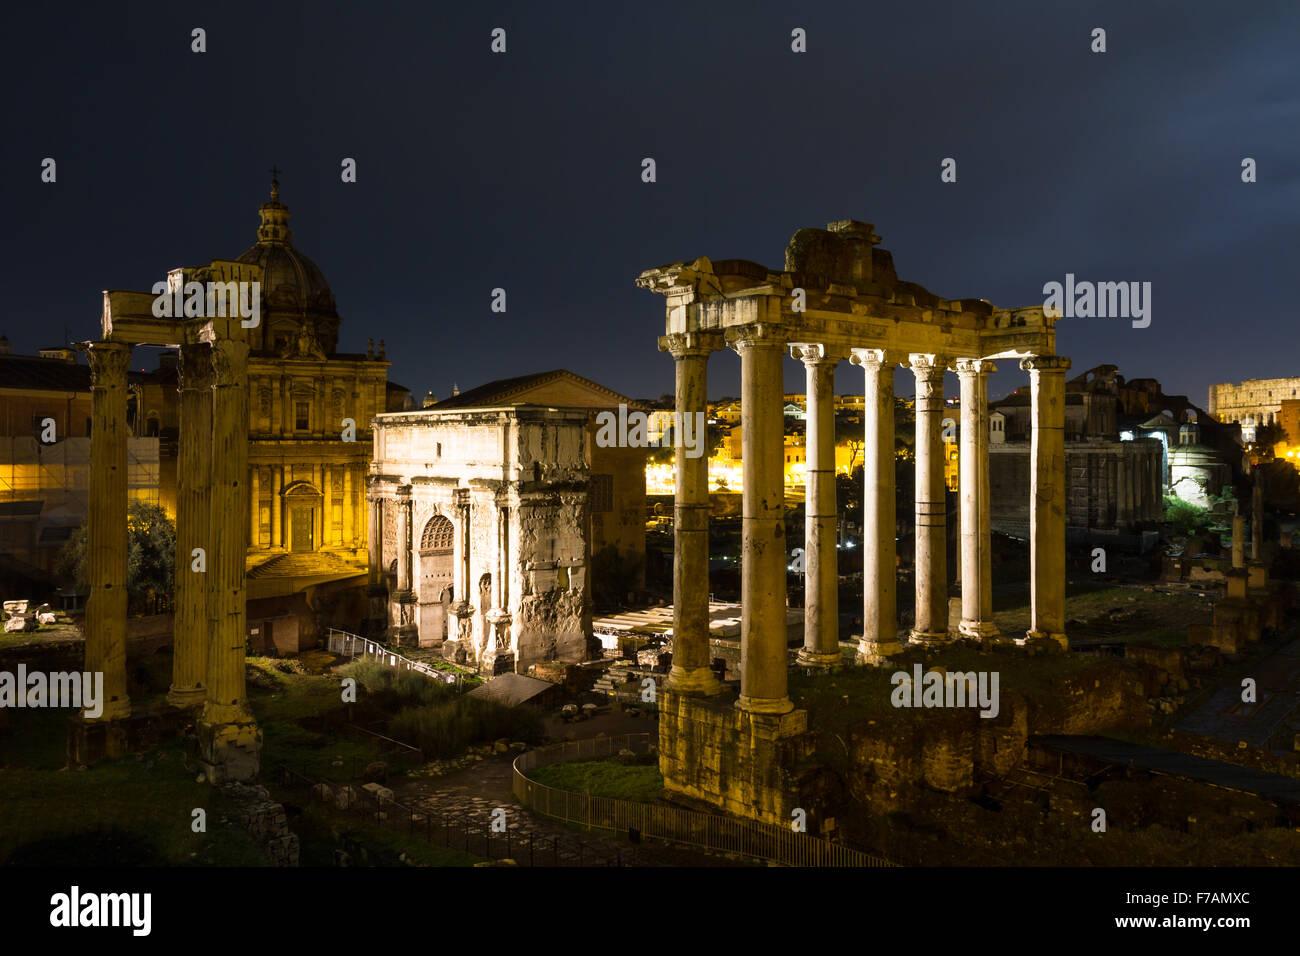 Forum Romanum Rome Italy Stock Photos &- Forum Romanum Rome Italy ...